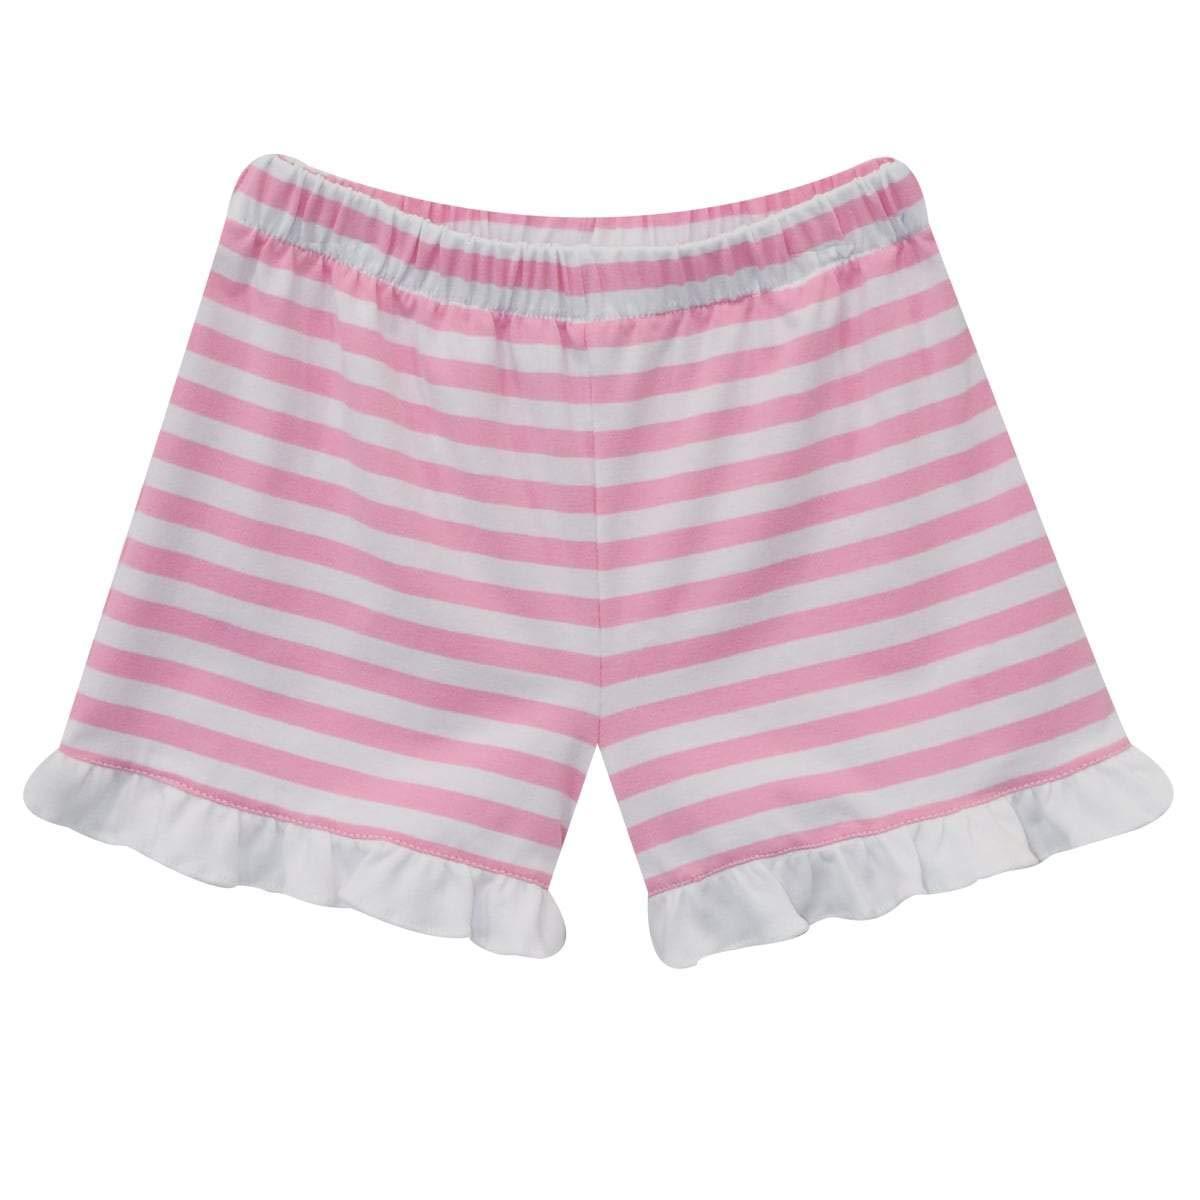 Vive La Fete Pink and White Stripe Knit Girls Short